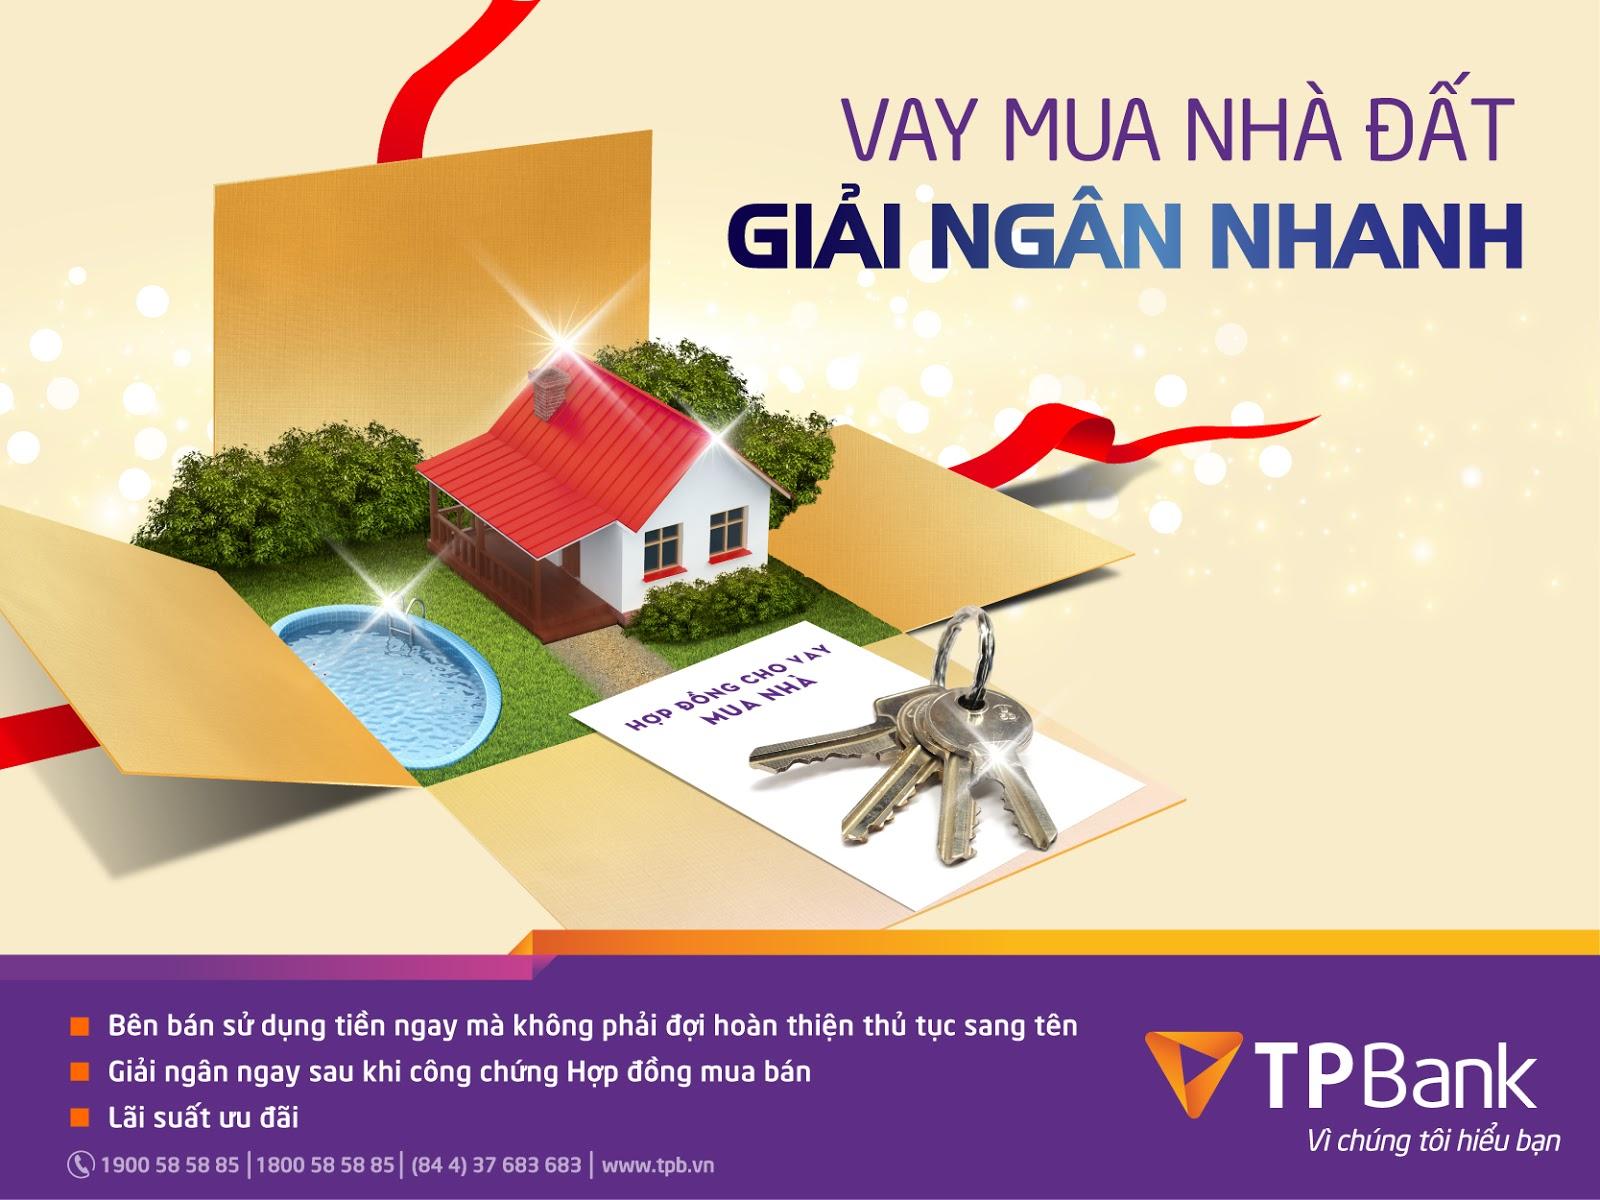 dịch vụ vay ngân hàng mua nhà đất